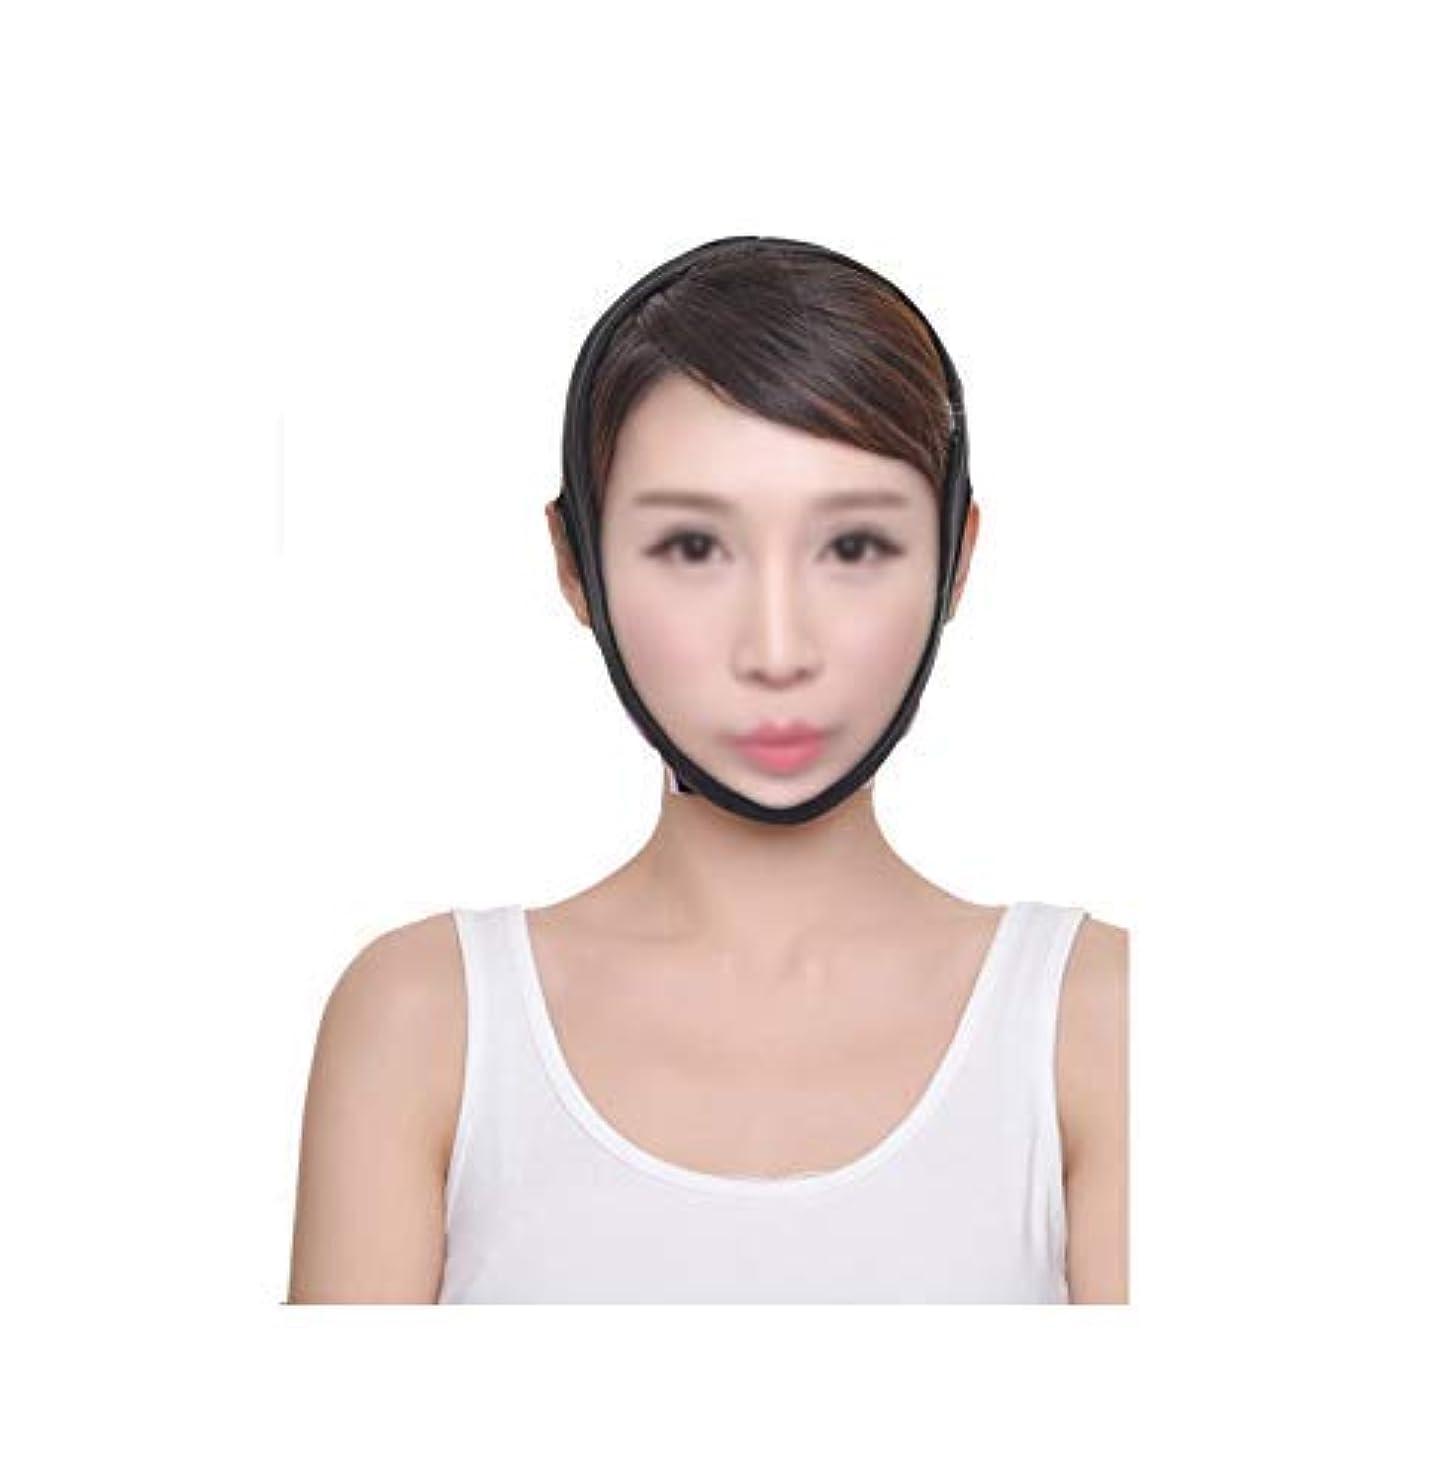 ニュース肖像画定期的ファーミングフェイスマスク、フェイスリフティングアーティファクト脂肪吸引術脂肪吸引術後整形二重あご美容マスクブラックフード(サイズ:L),M